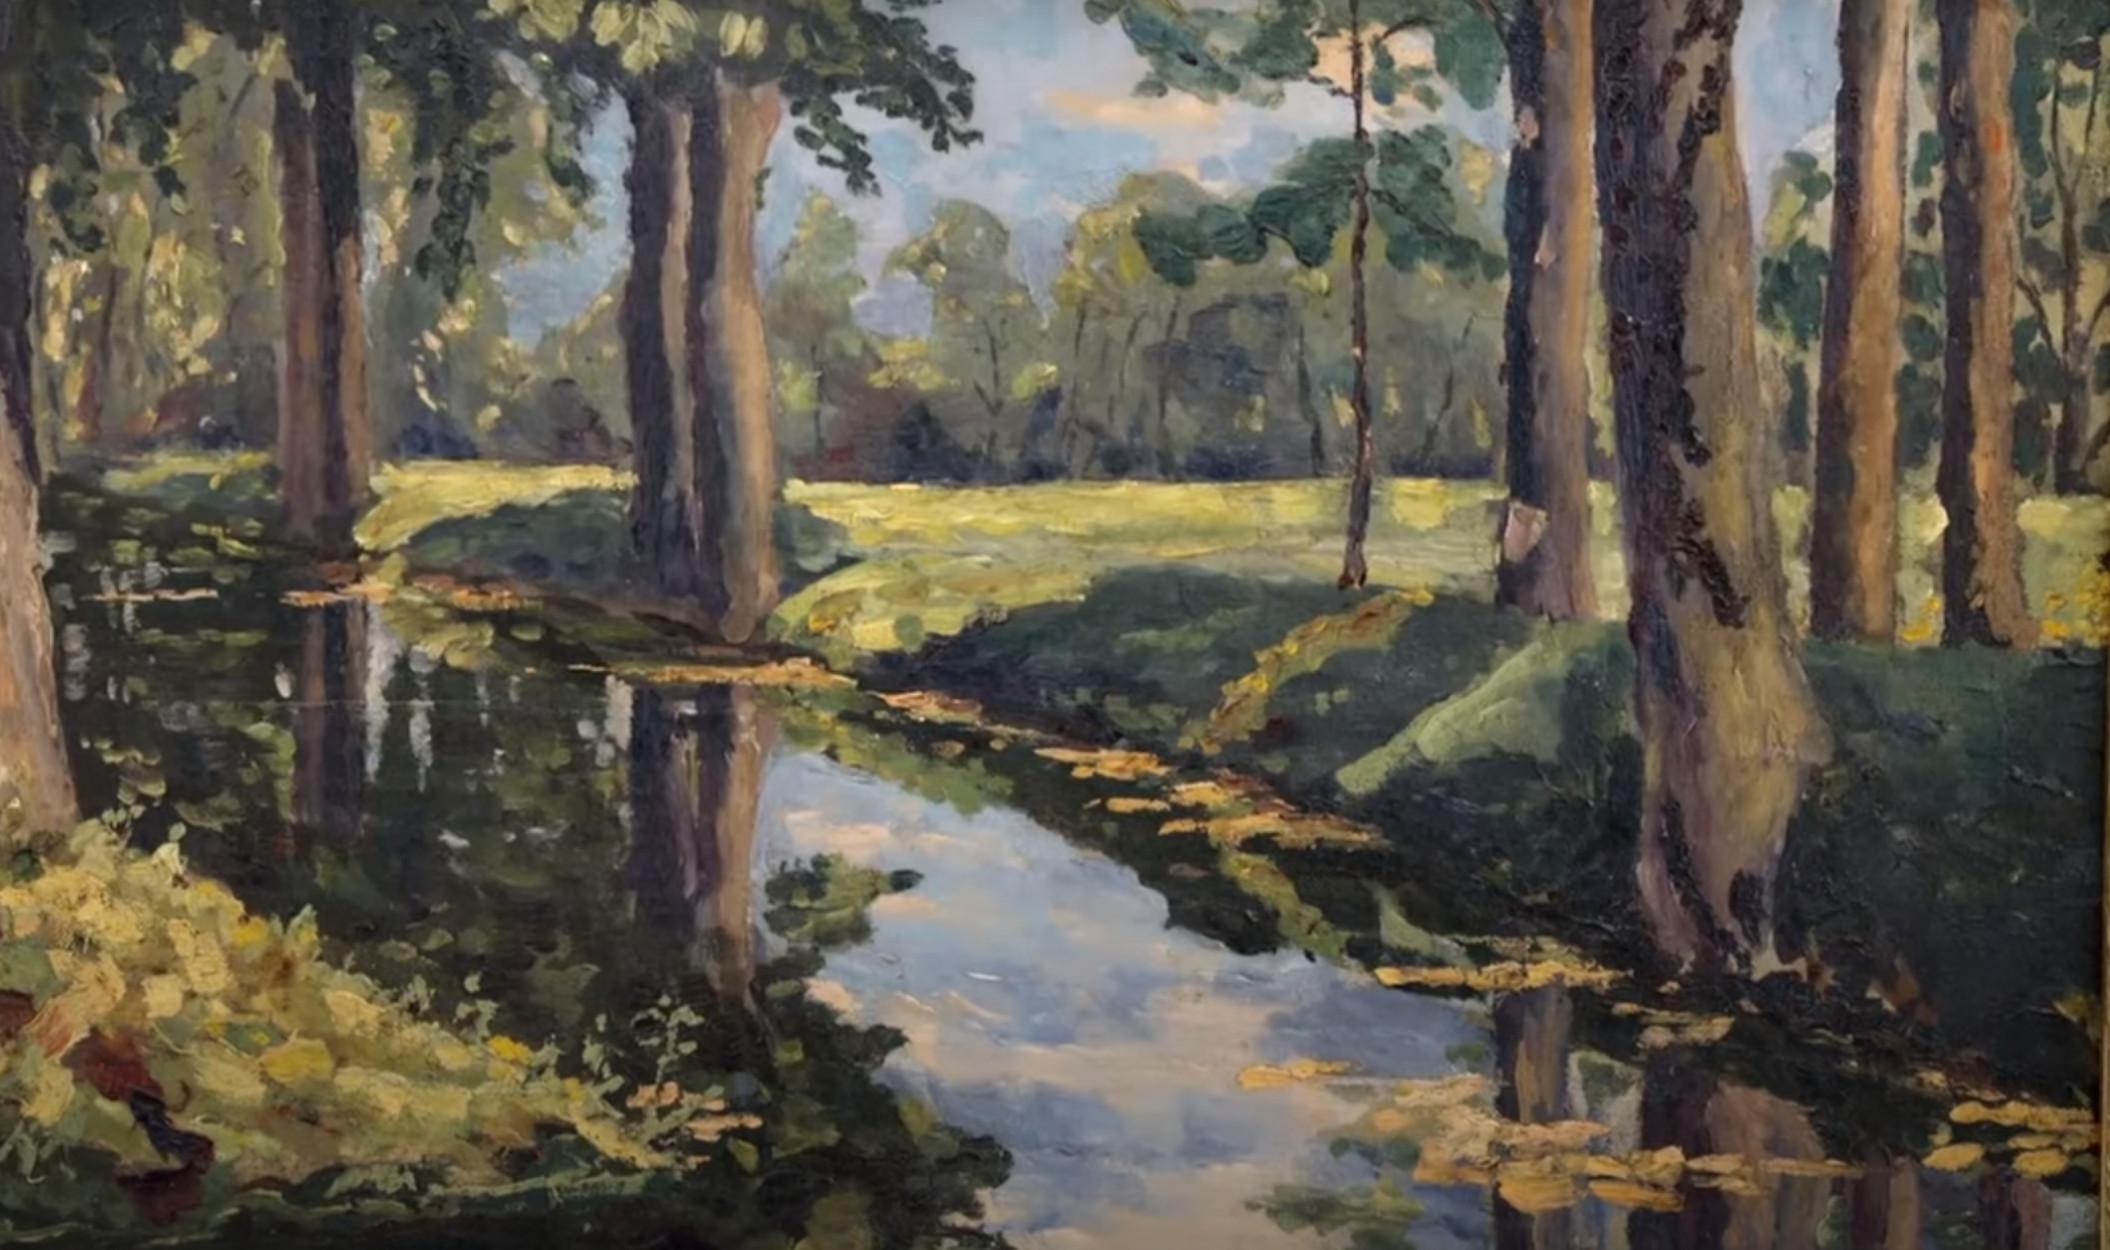 Πίνακας του Τσώρτσιλ που είχε χαρίσει στον Ωνάση πωλήθηκε για 1,8 εκατ. ευρώ